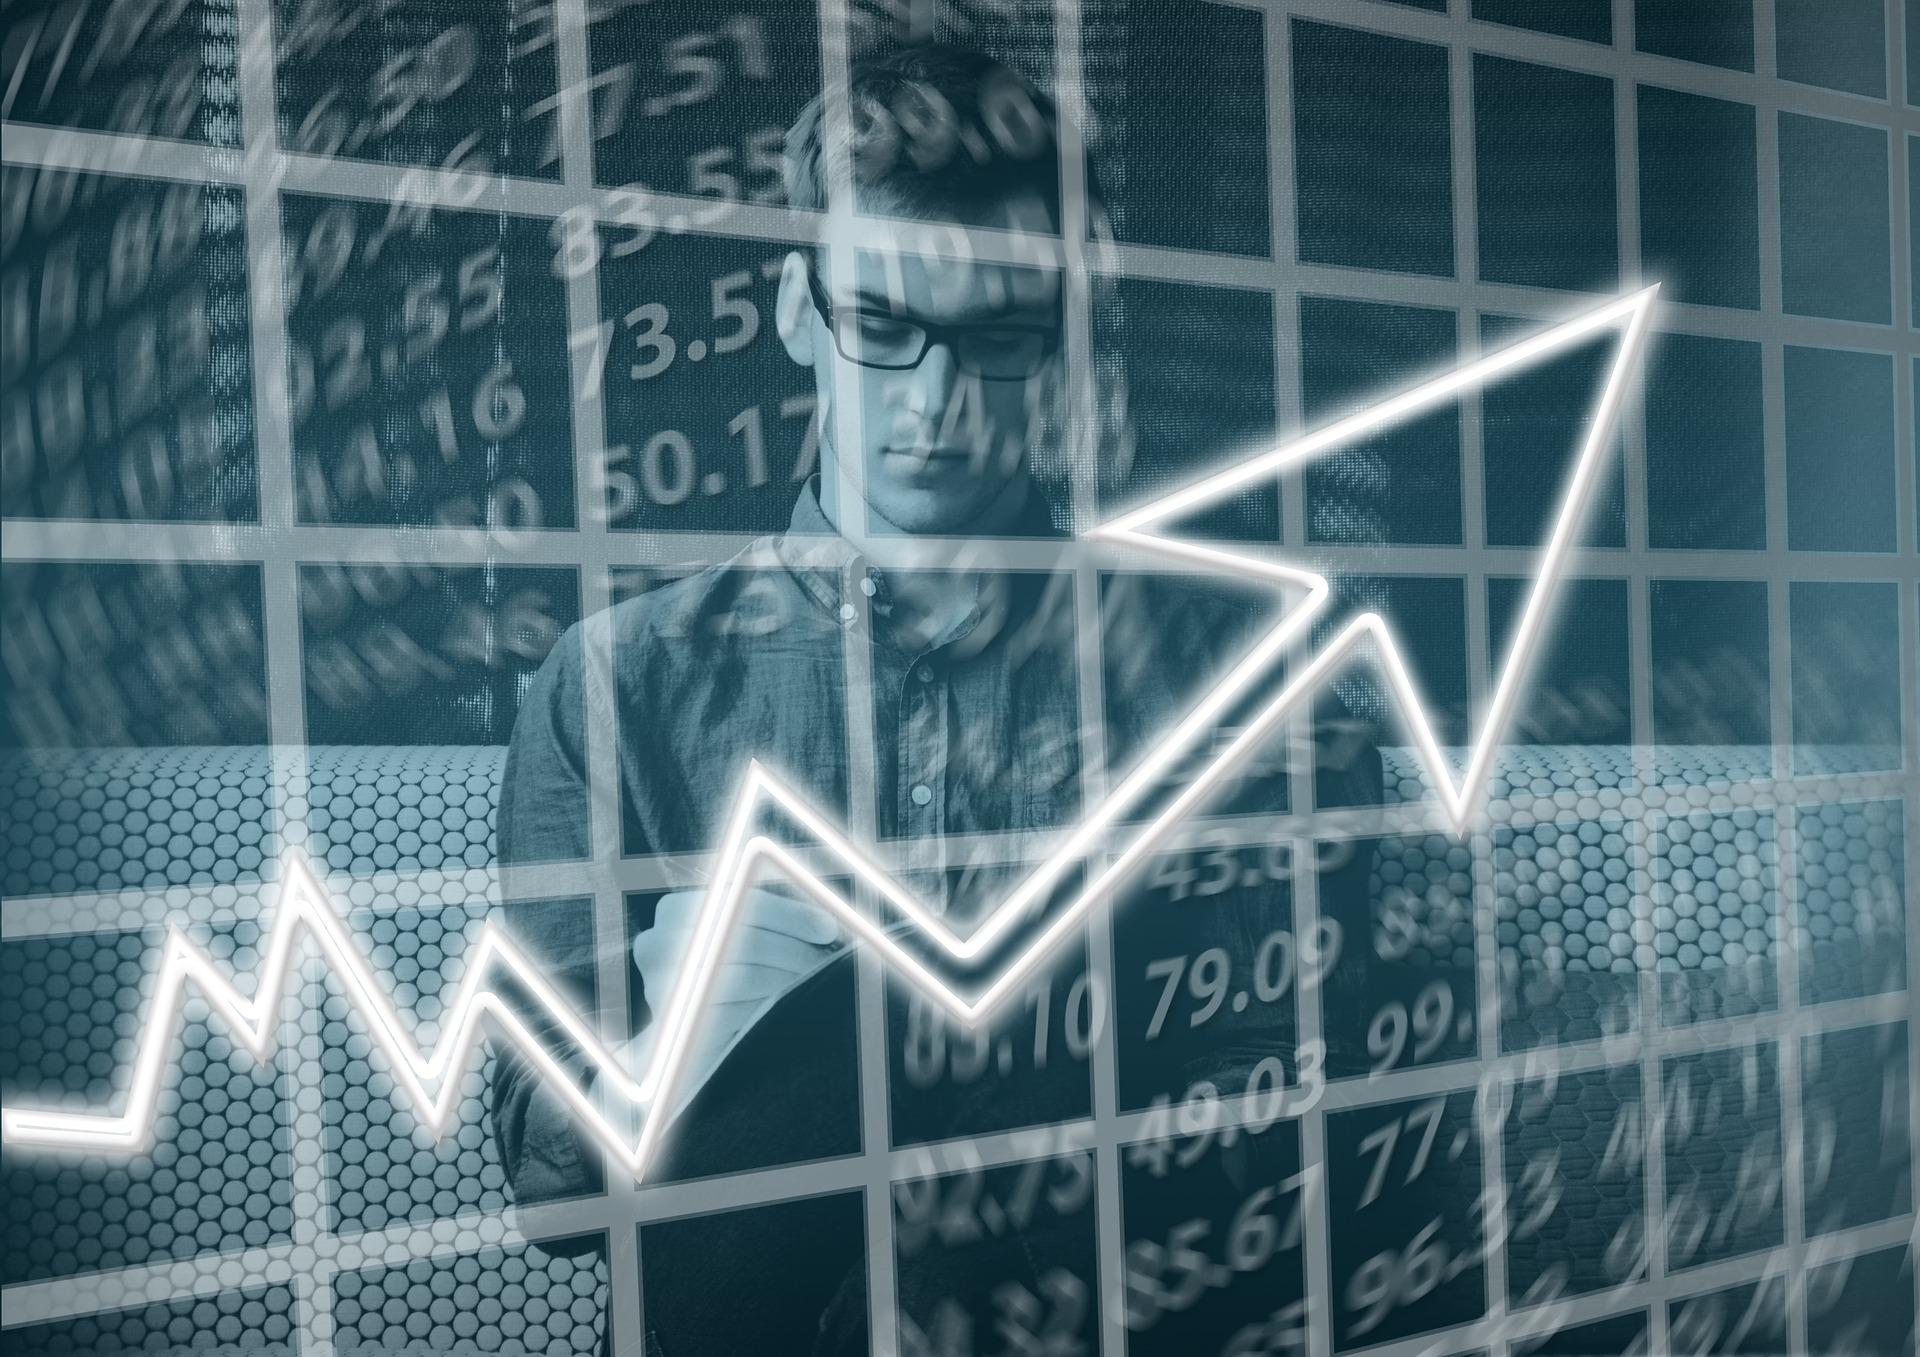 Dólar registra novo recorde e fecha com alta de 0,566%, cotado a R$ 4,80